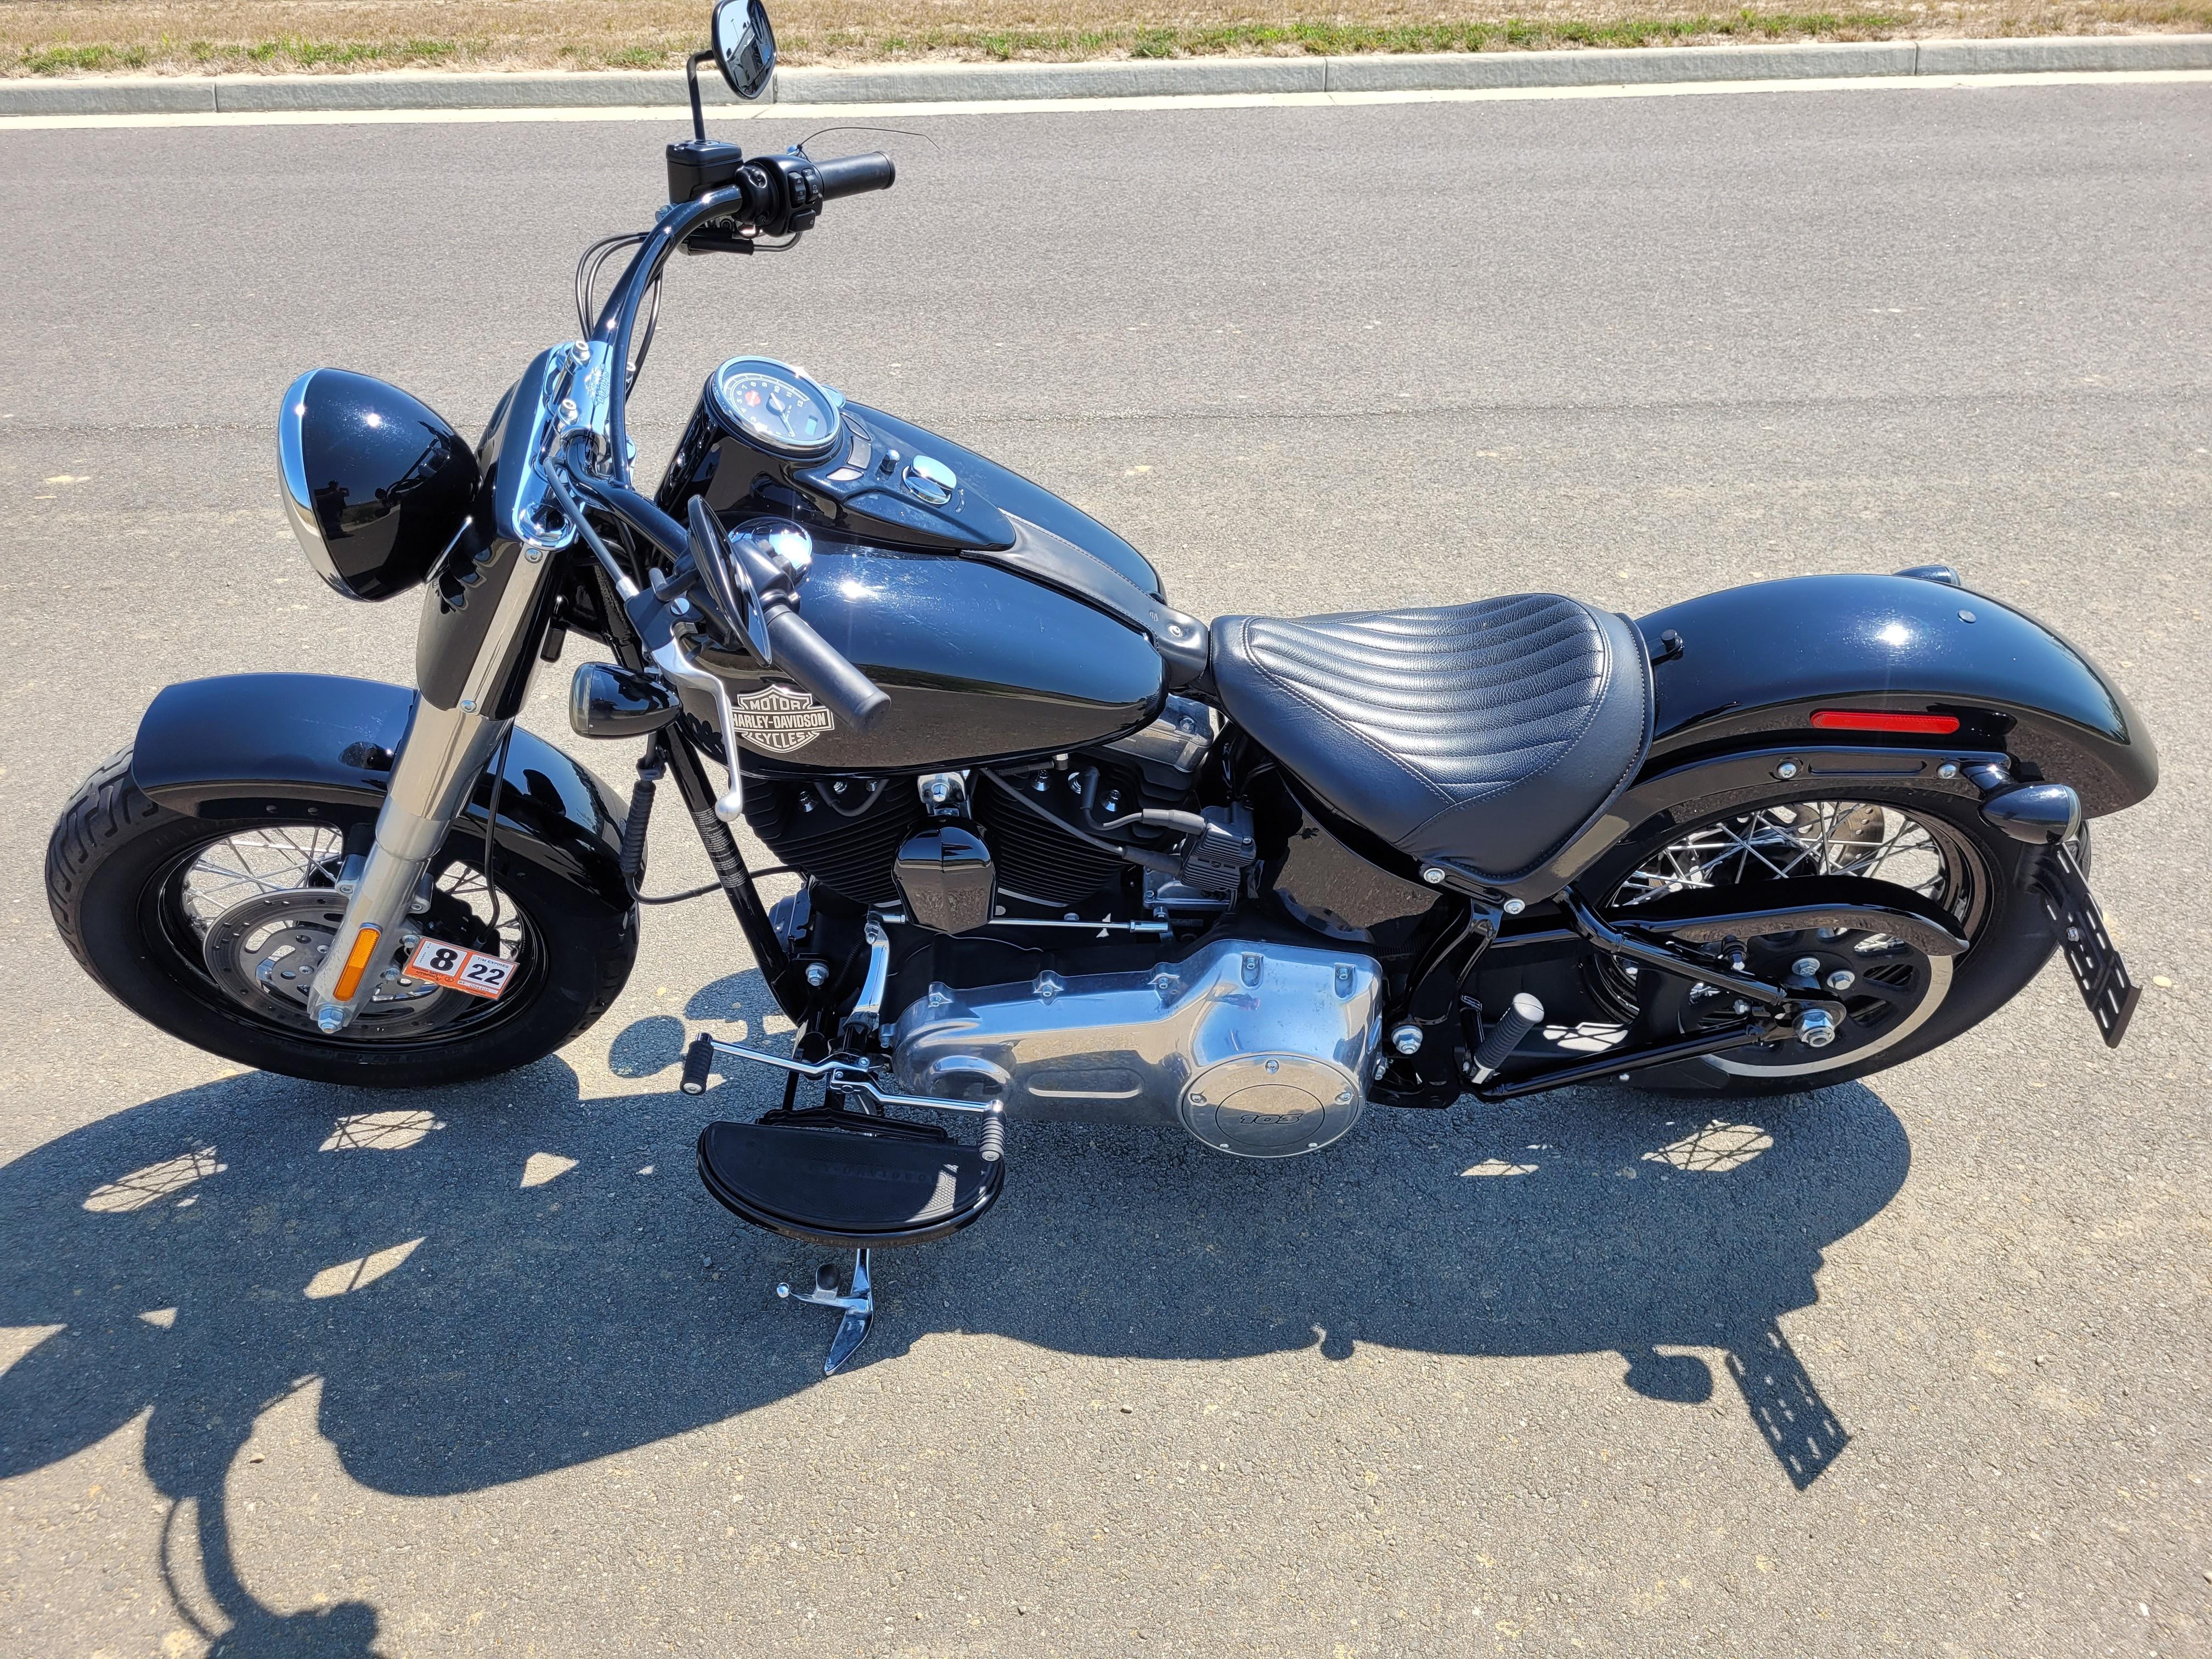 2014 Harley-Davidson Softail Slim at Richmond Harley-Davidson